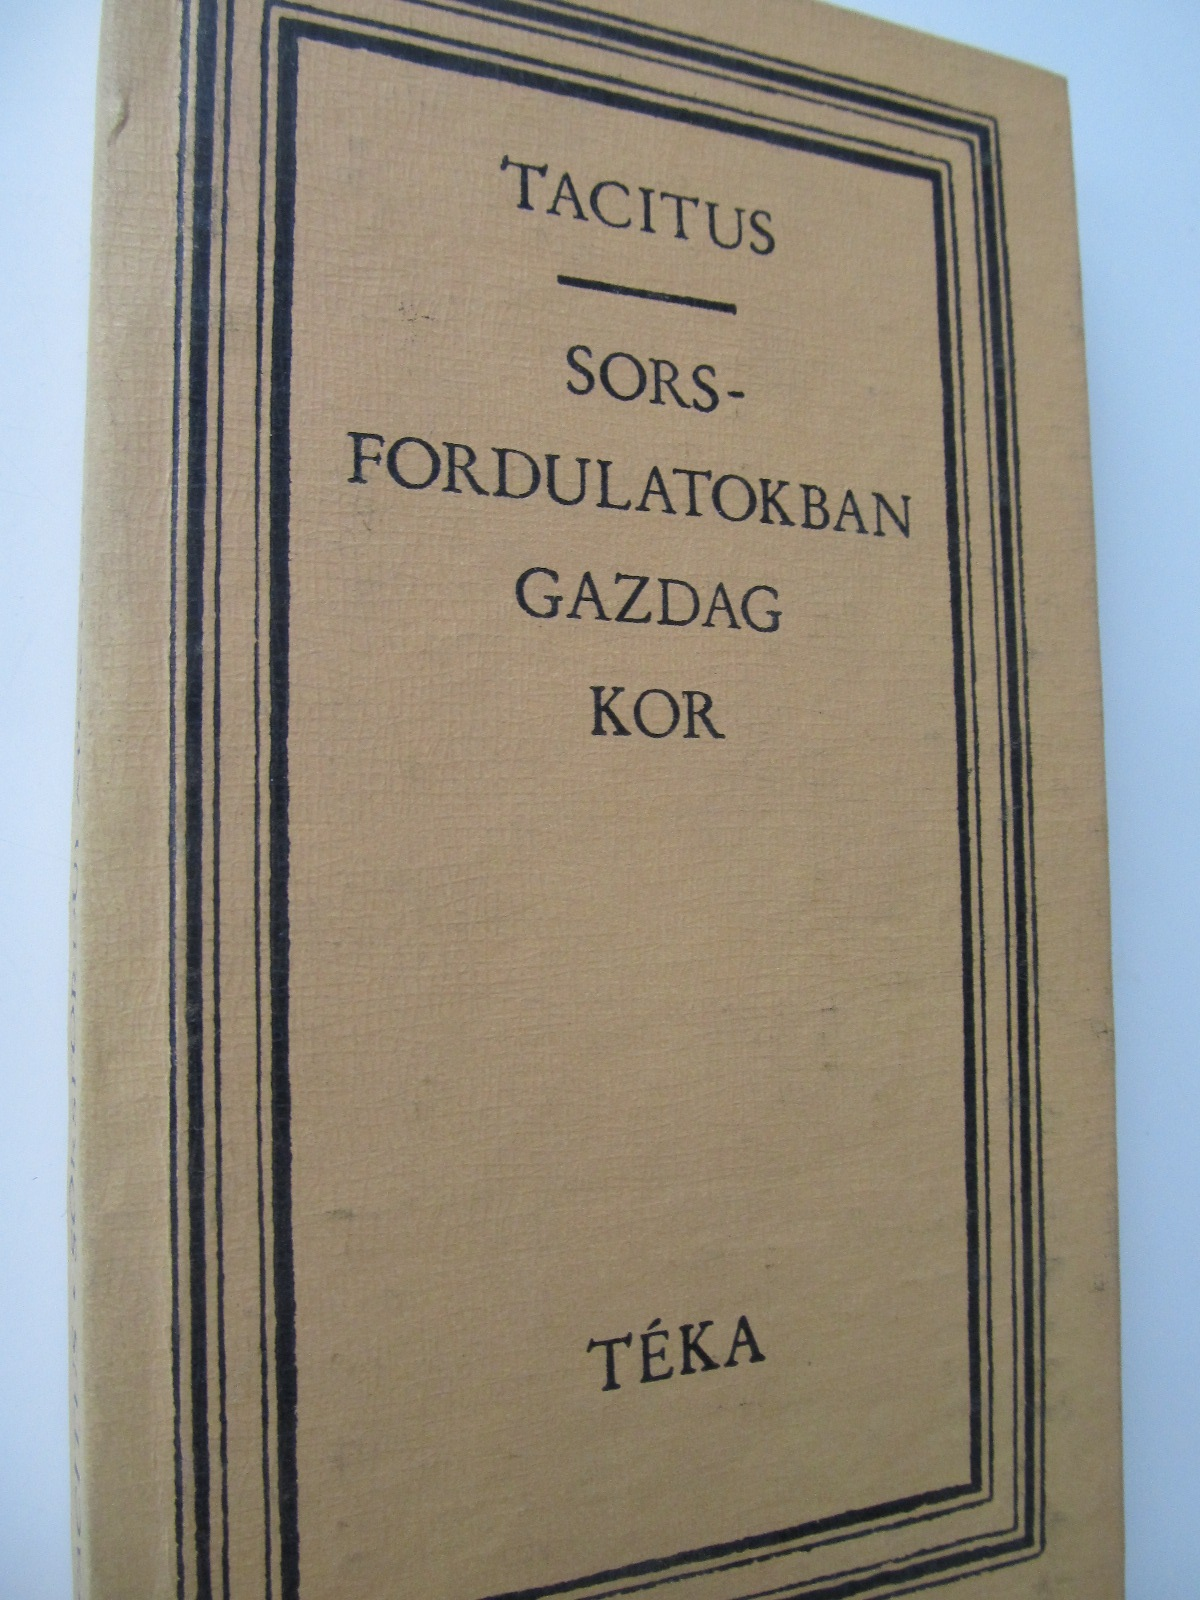 Sorsfordulatokban gazdag kor - Tacitus | Detalii carte